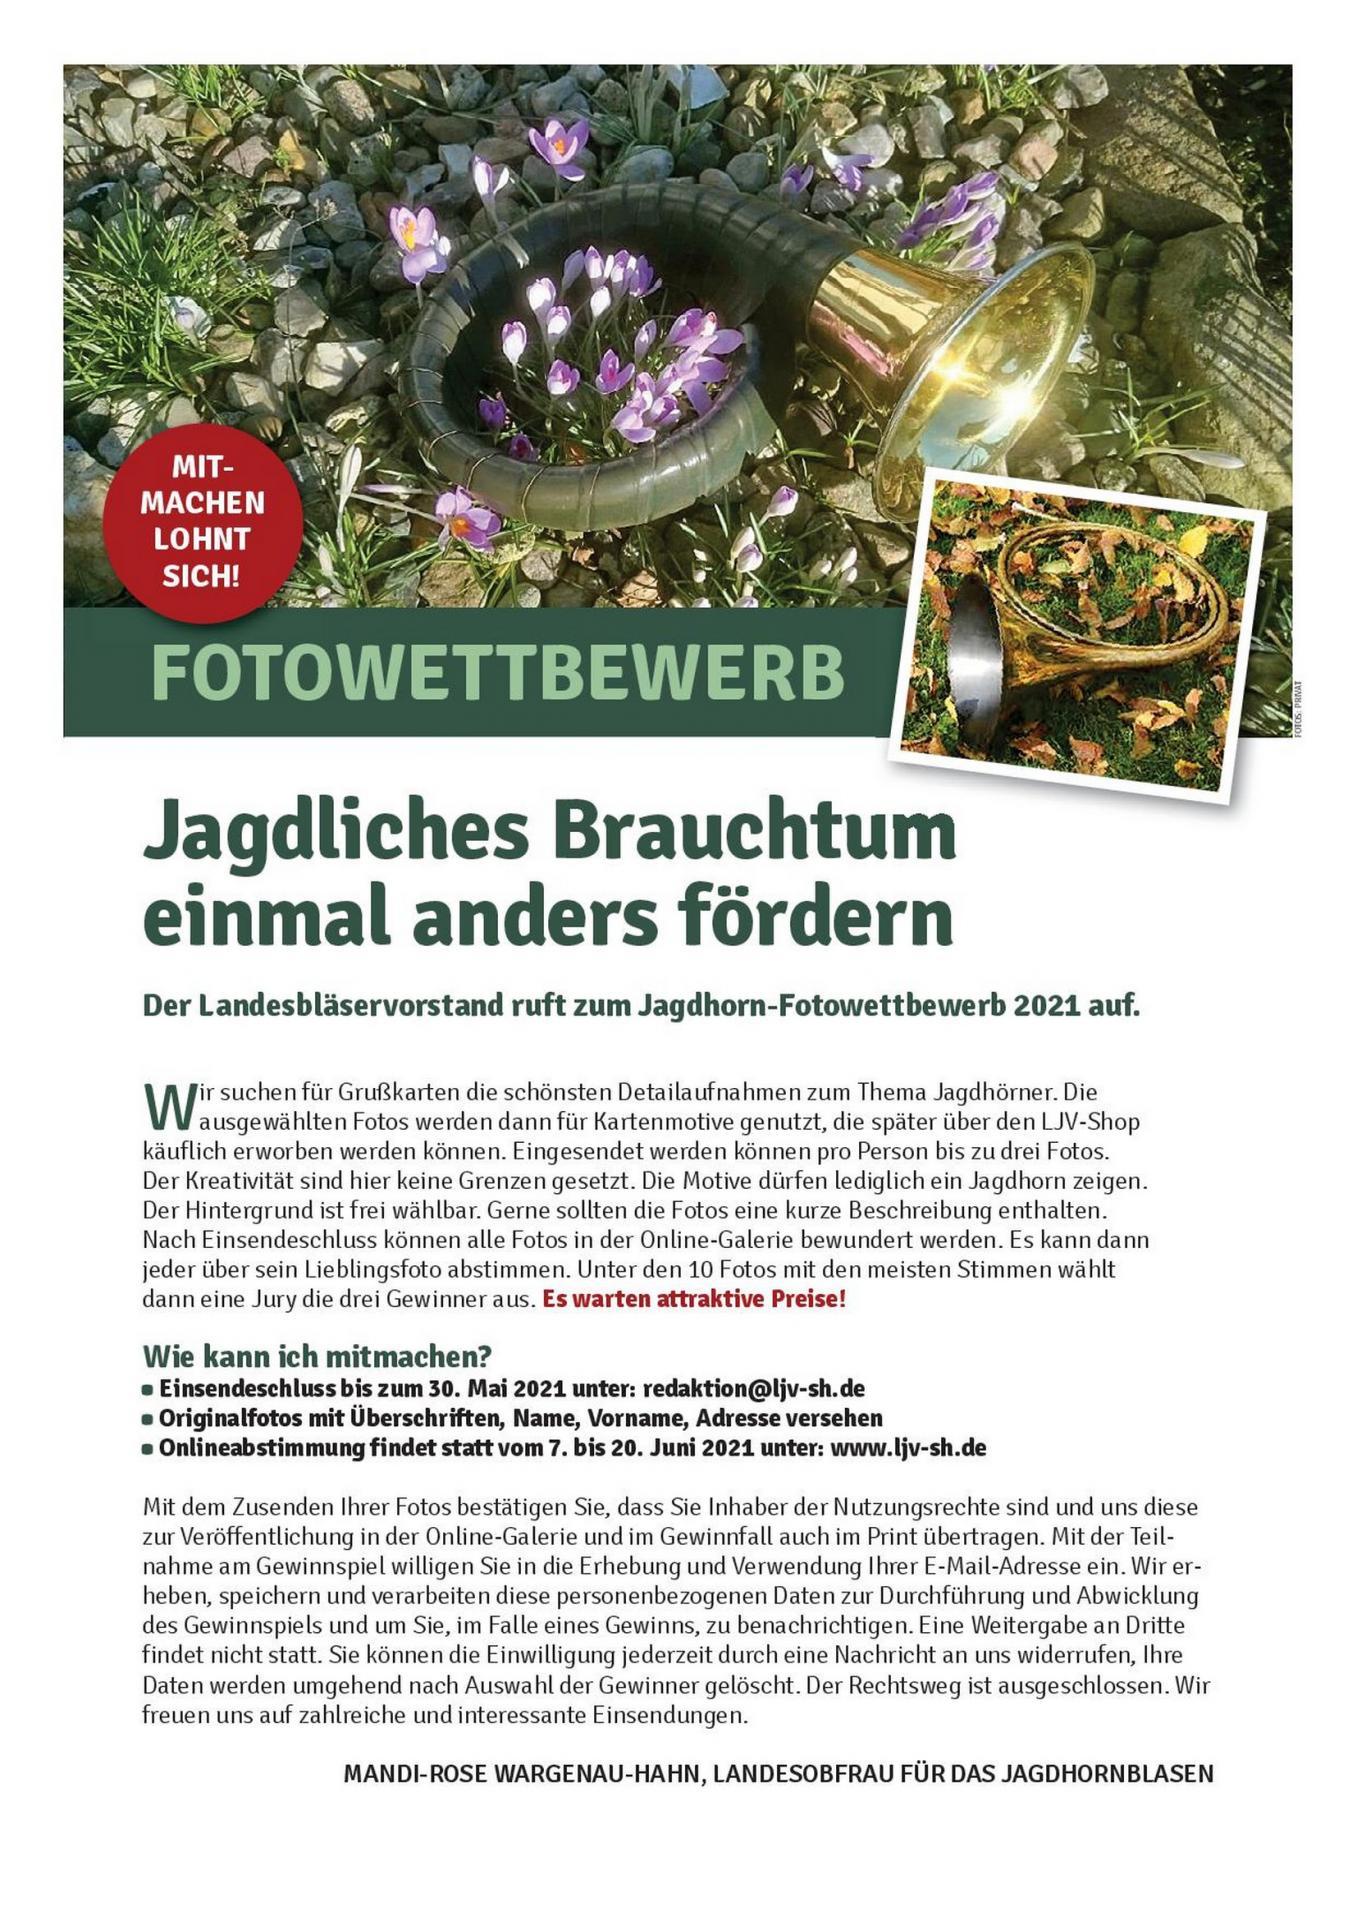 Aufrunf zum Fotowettbewerb 2021 Jagdhornbläser